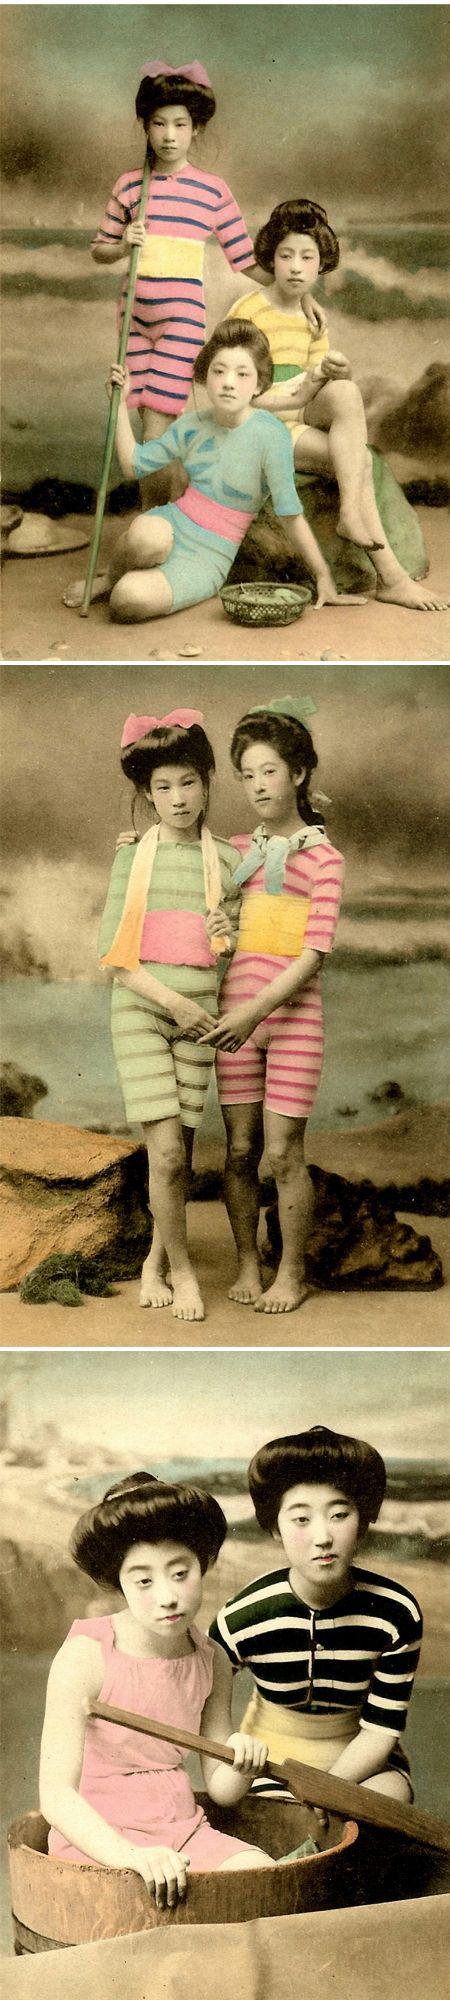 geishas2.jpg (450×2000)